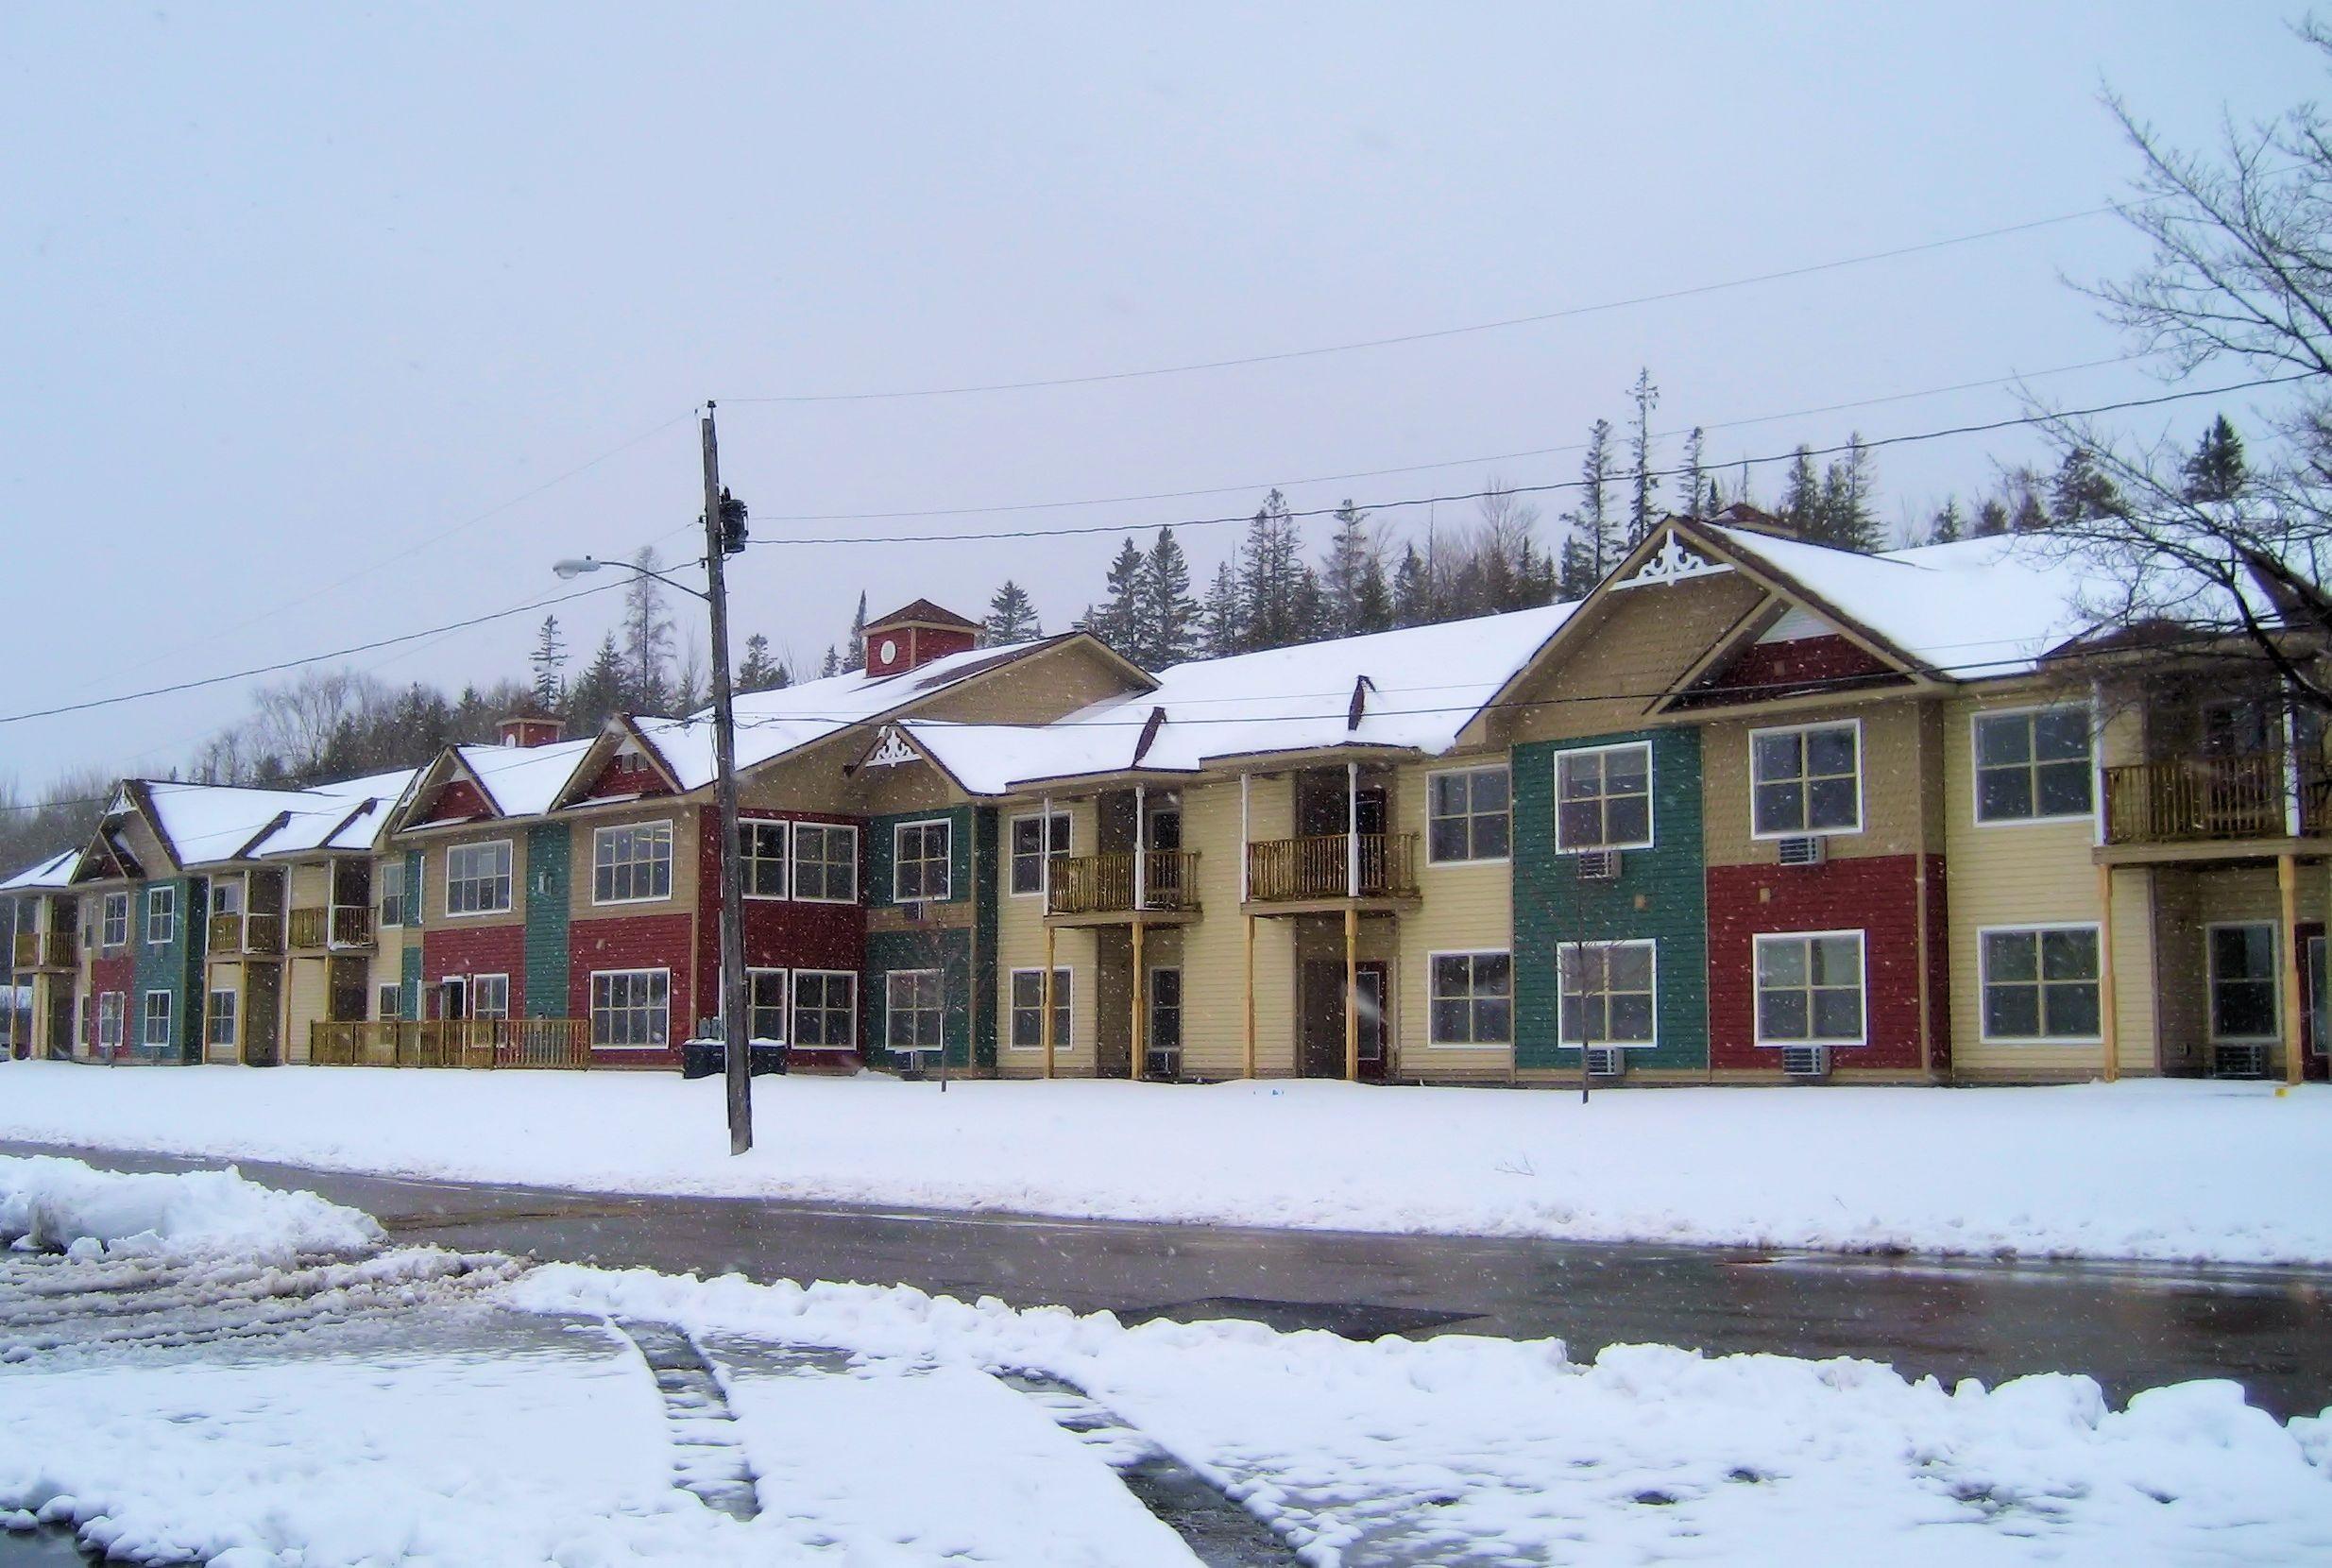 St. Ignace Senior Housing